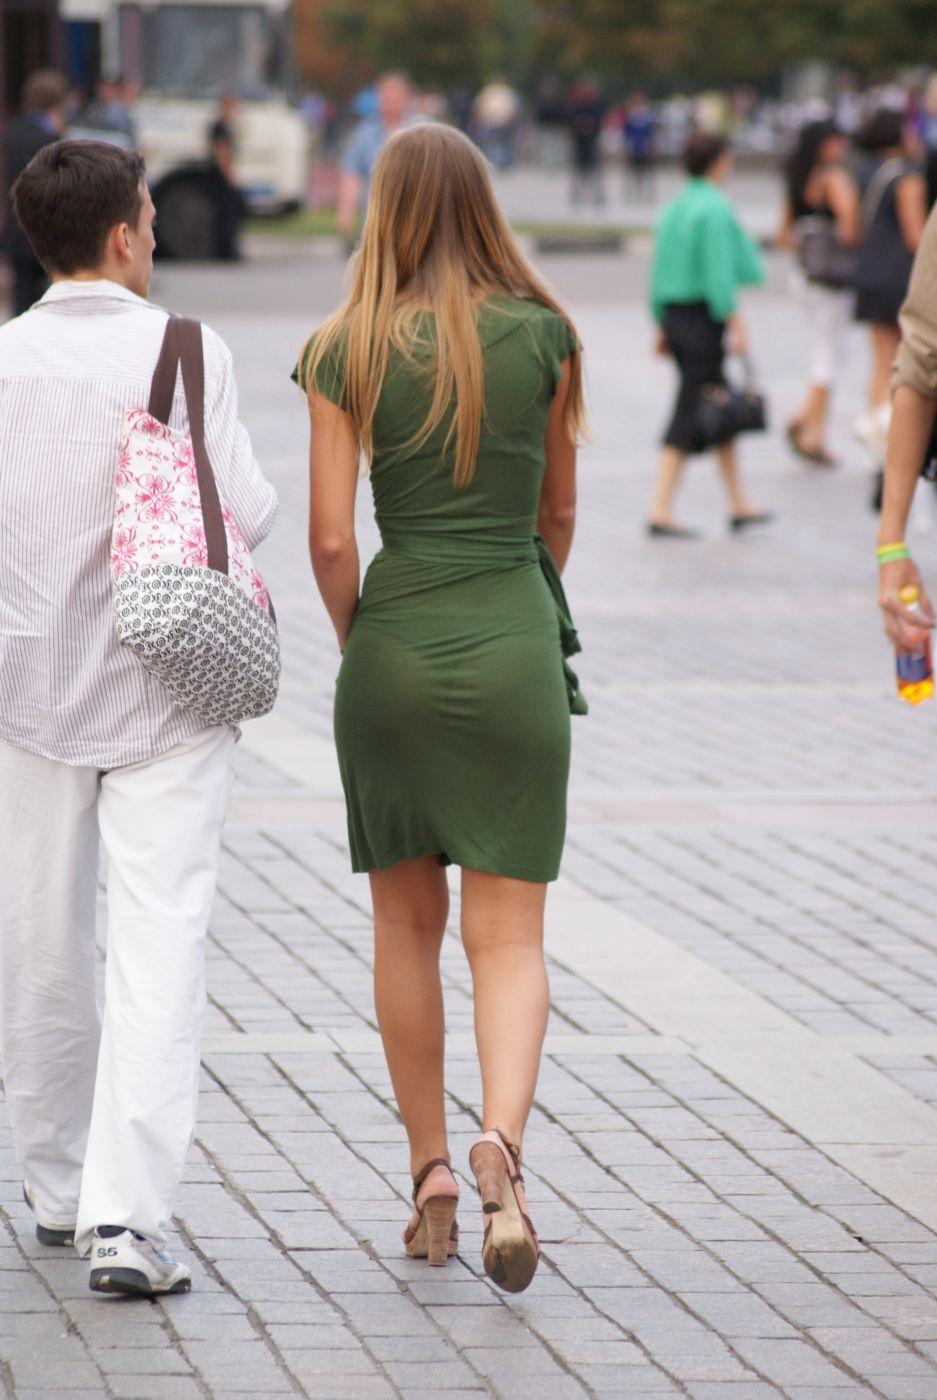 Фото в платье на улице 6 фотография